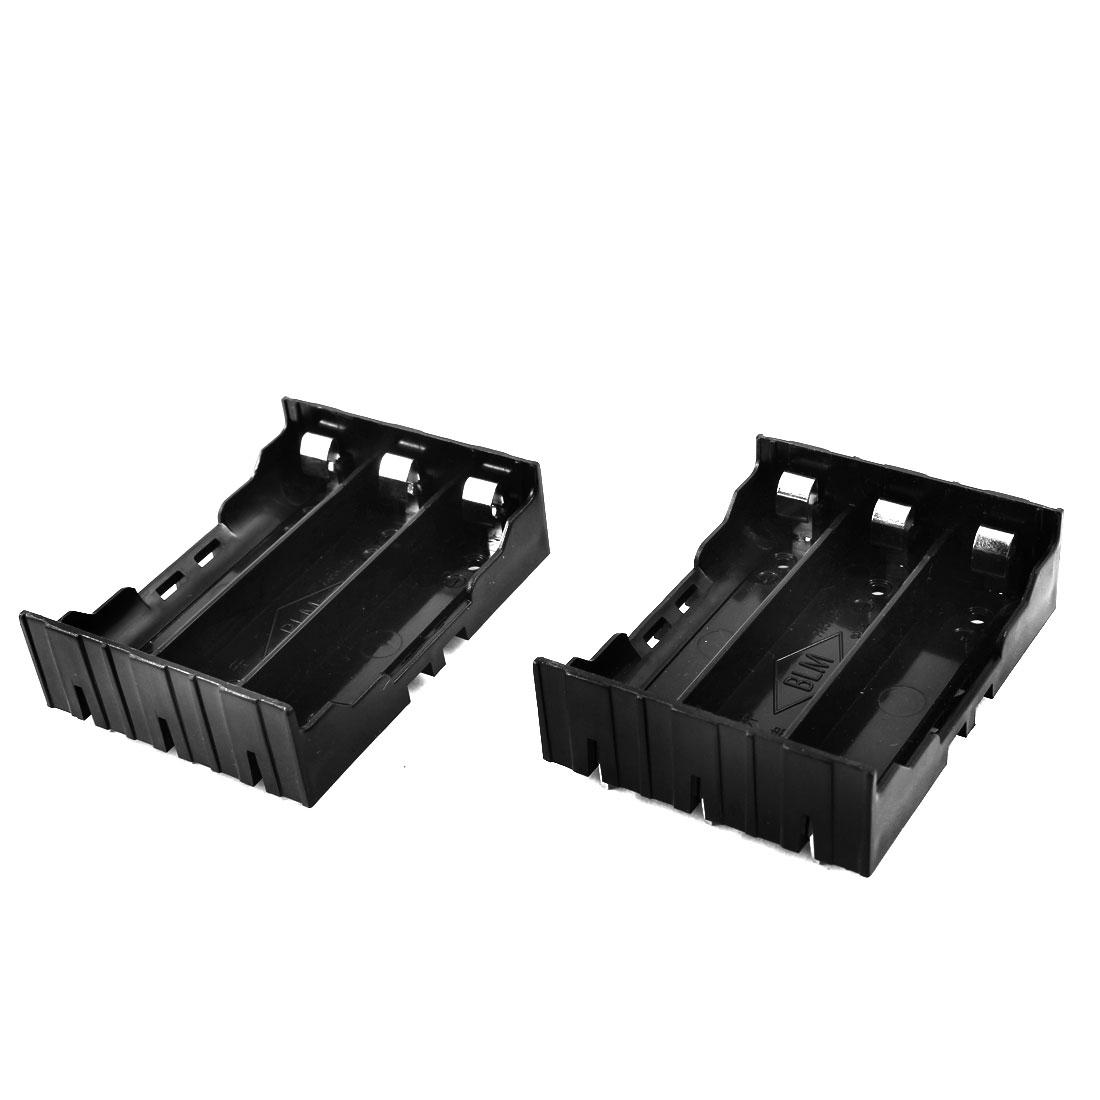 2 Pcs Open Frame Rectangle Black Plastic Shell 3 x 3.7V 18650 Battery Holder Batteries Case Storage Box for DIY